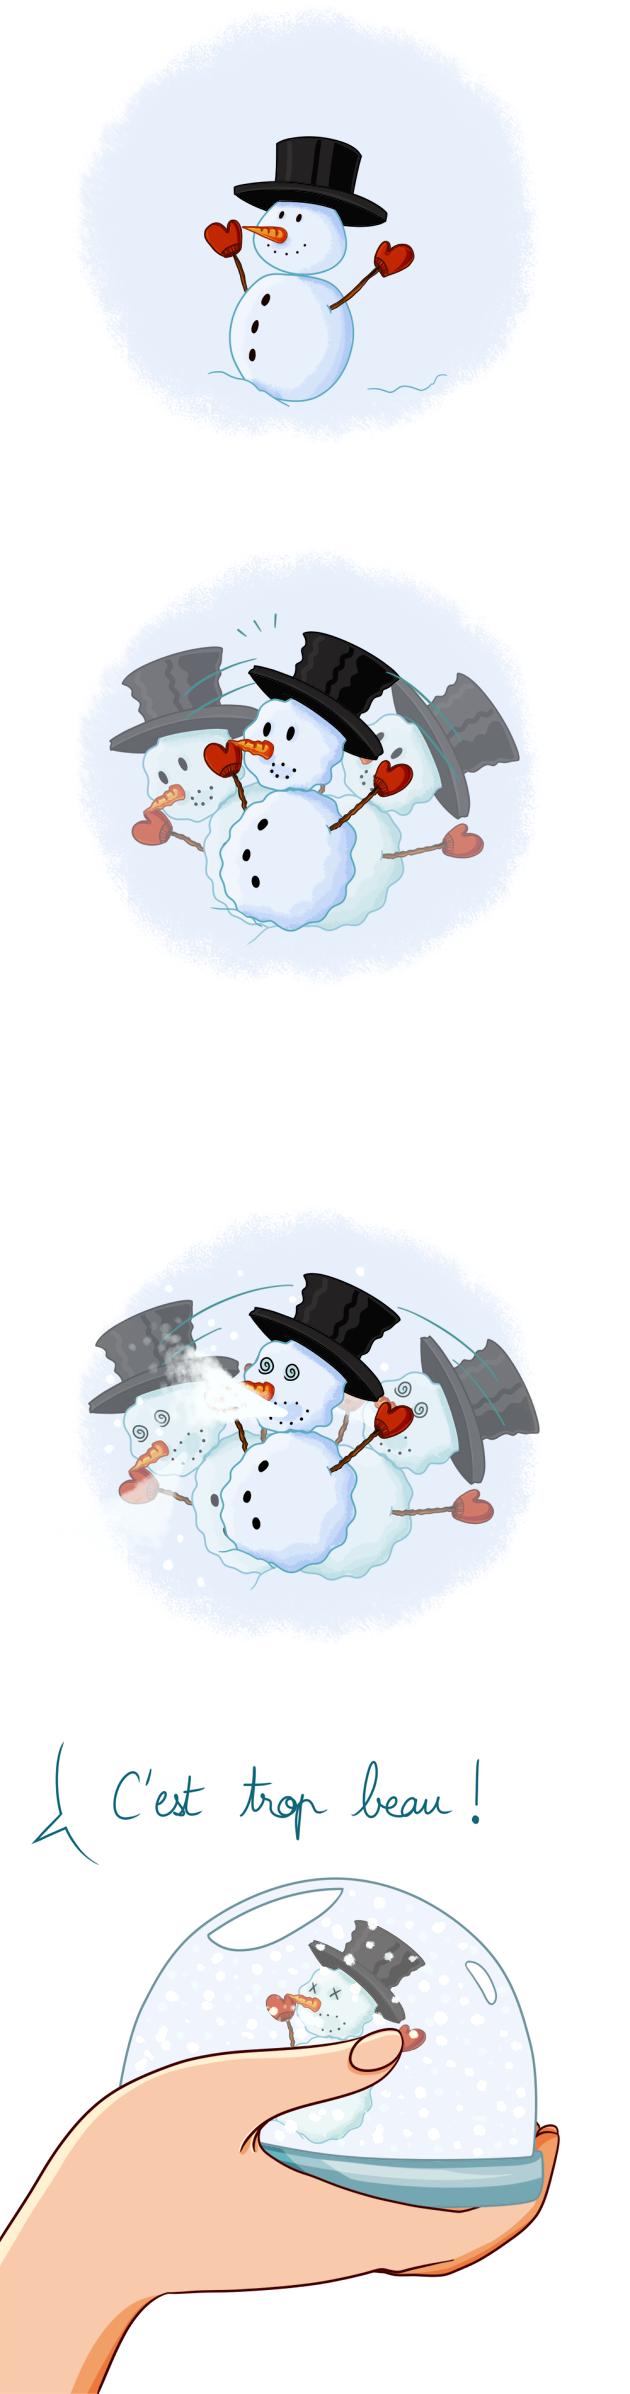 15-01-21 Bonhomme de neige4